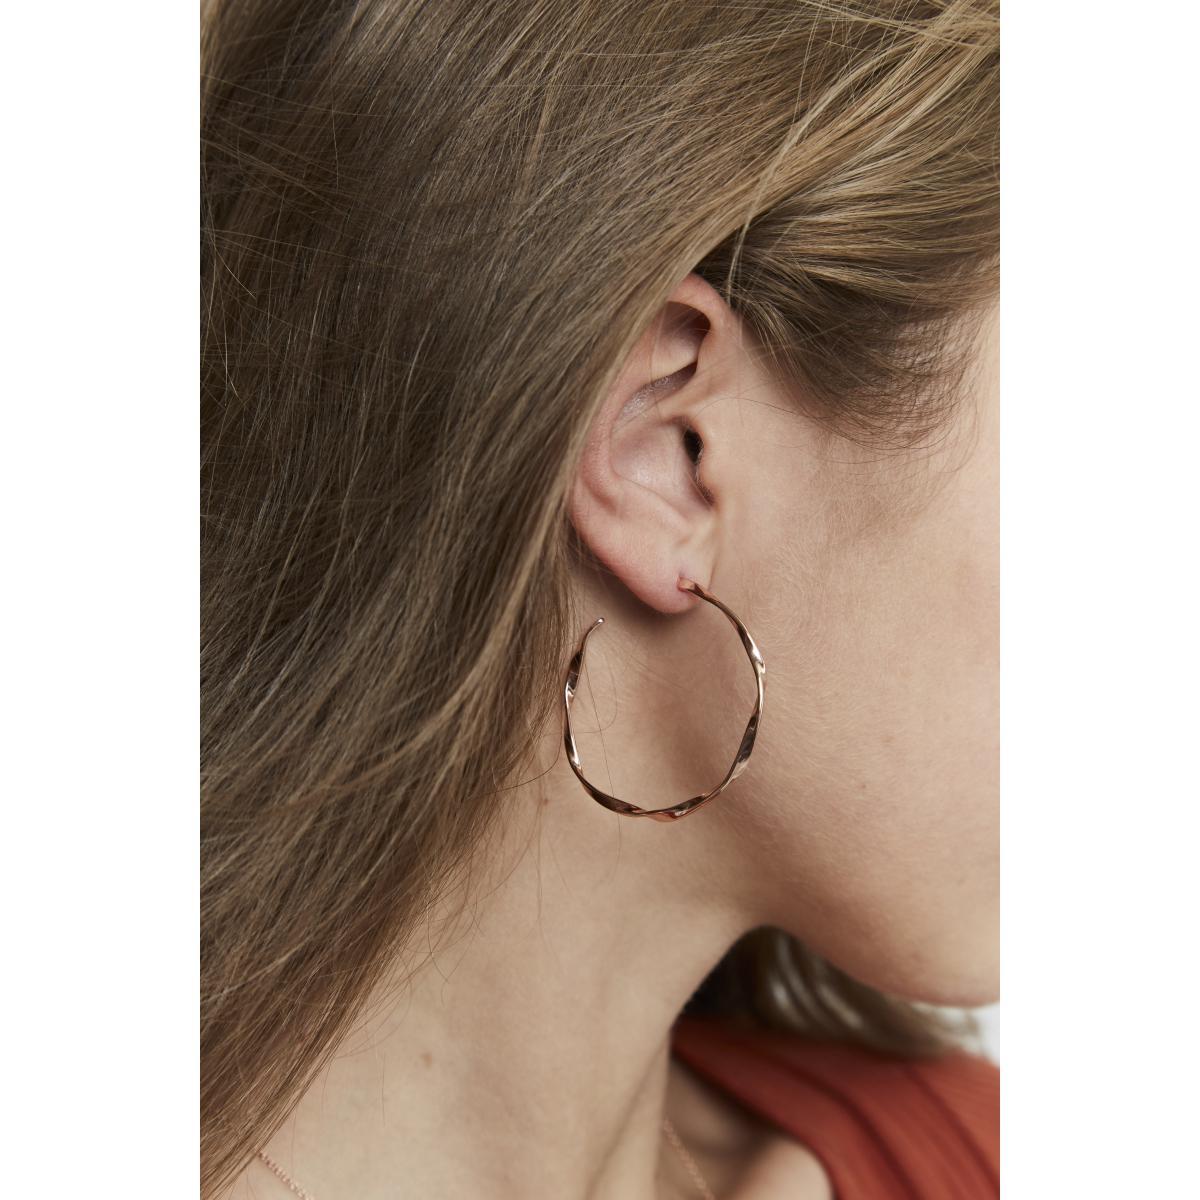 anneaux boucle d'oreille femme